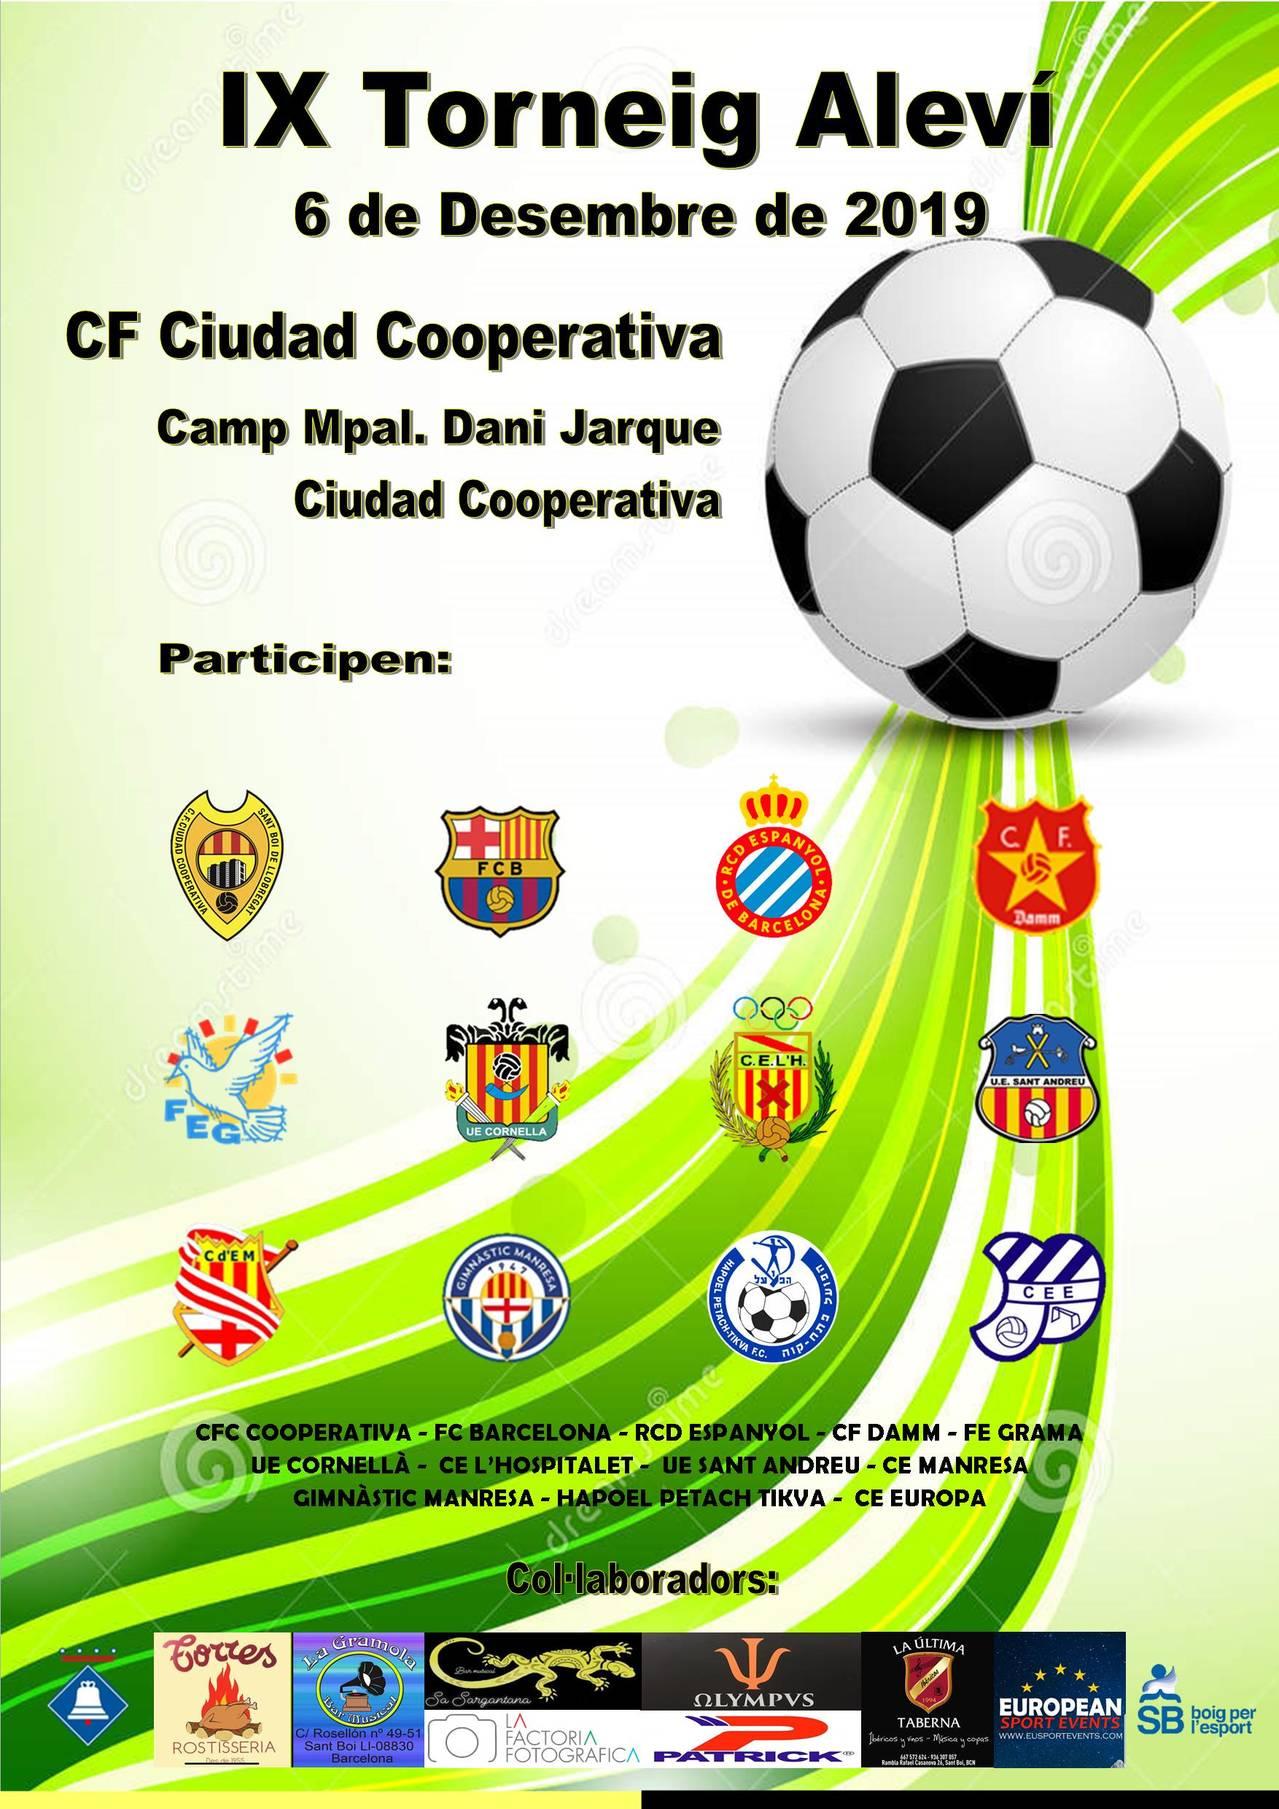 ¡Hoy es el dia! IX Torneo de Alevines CFC Cooperativa